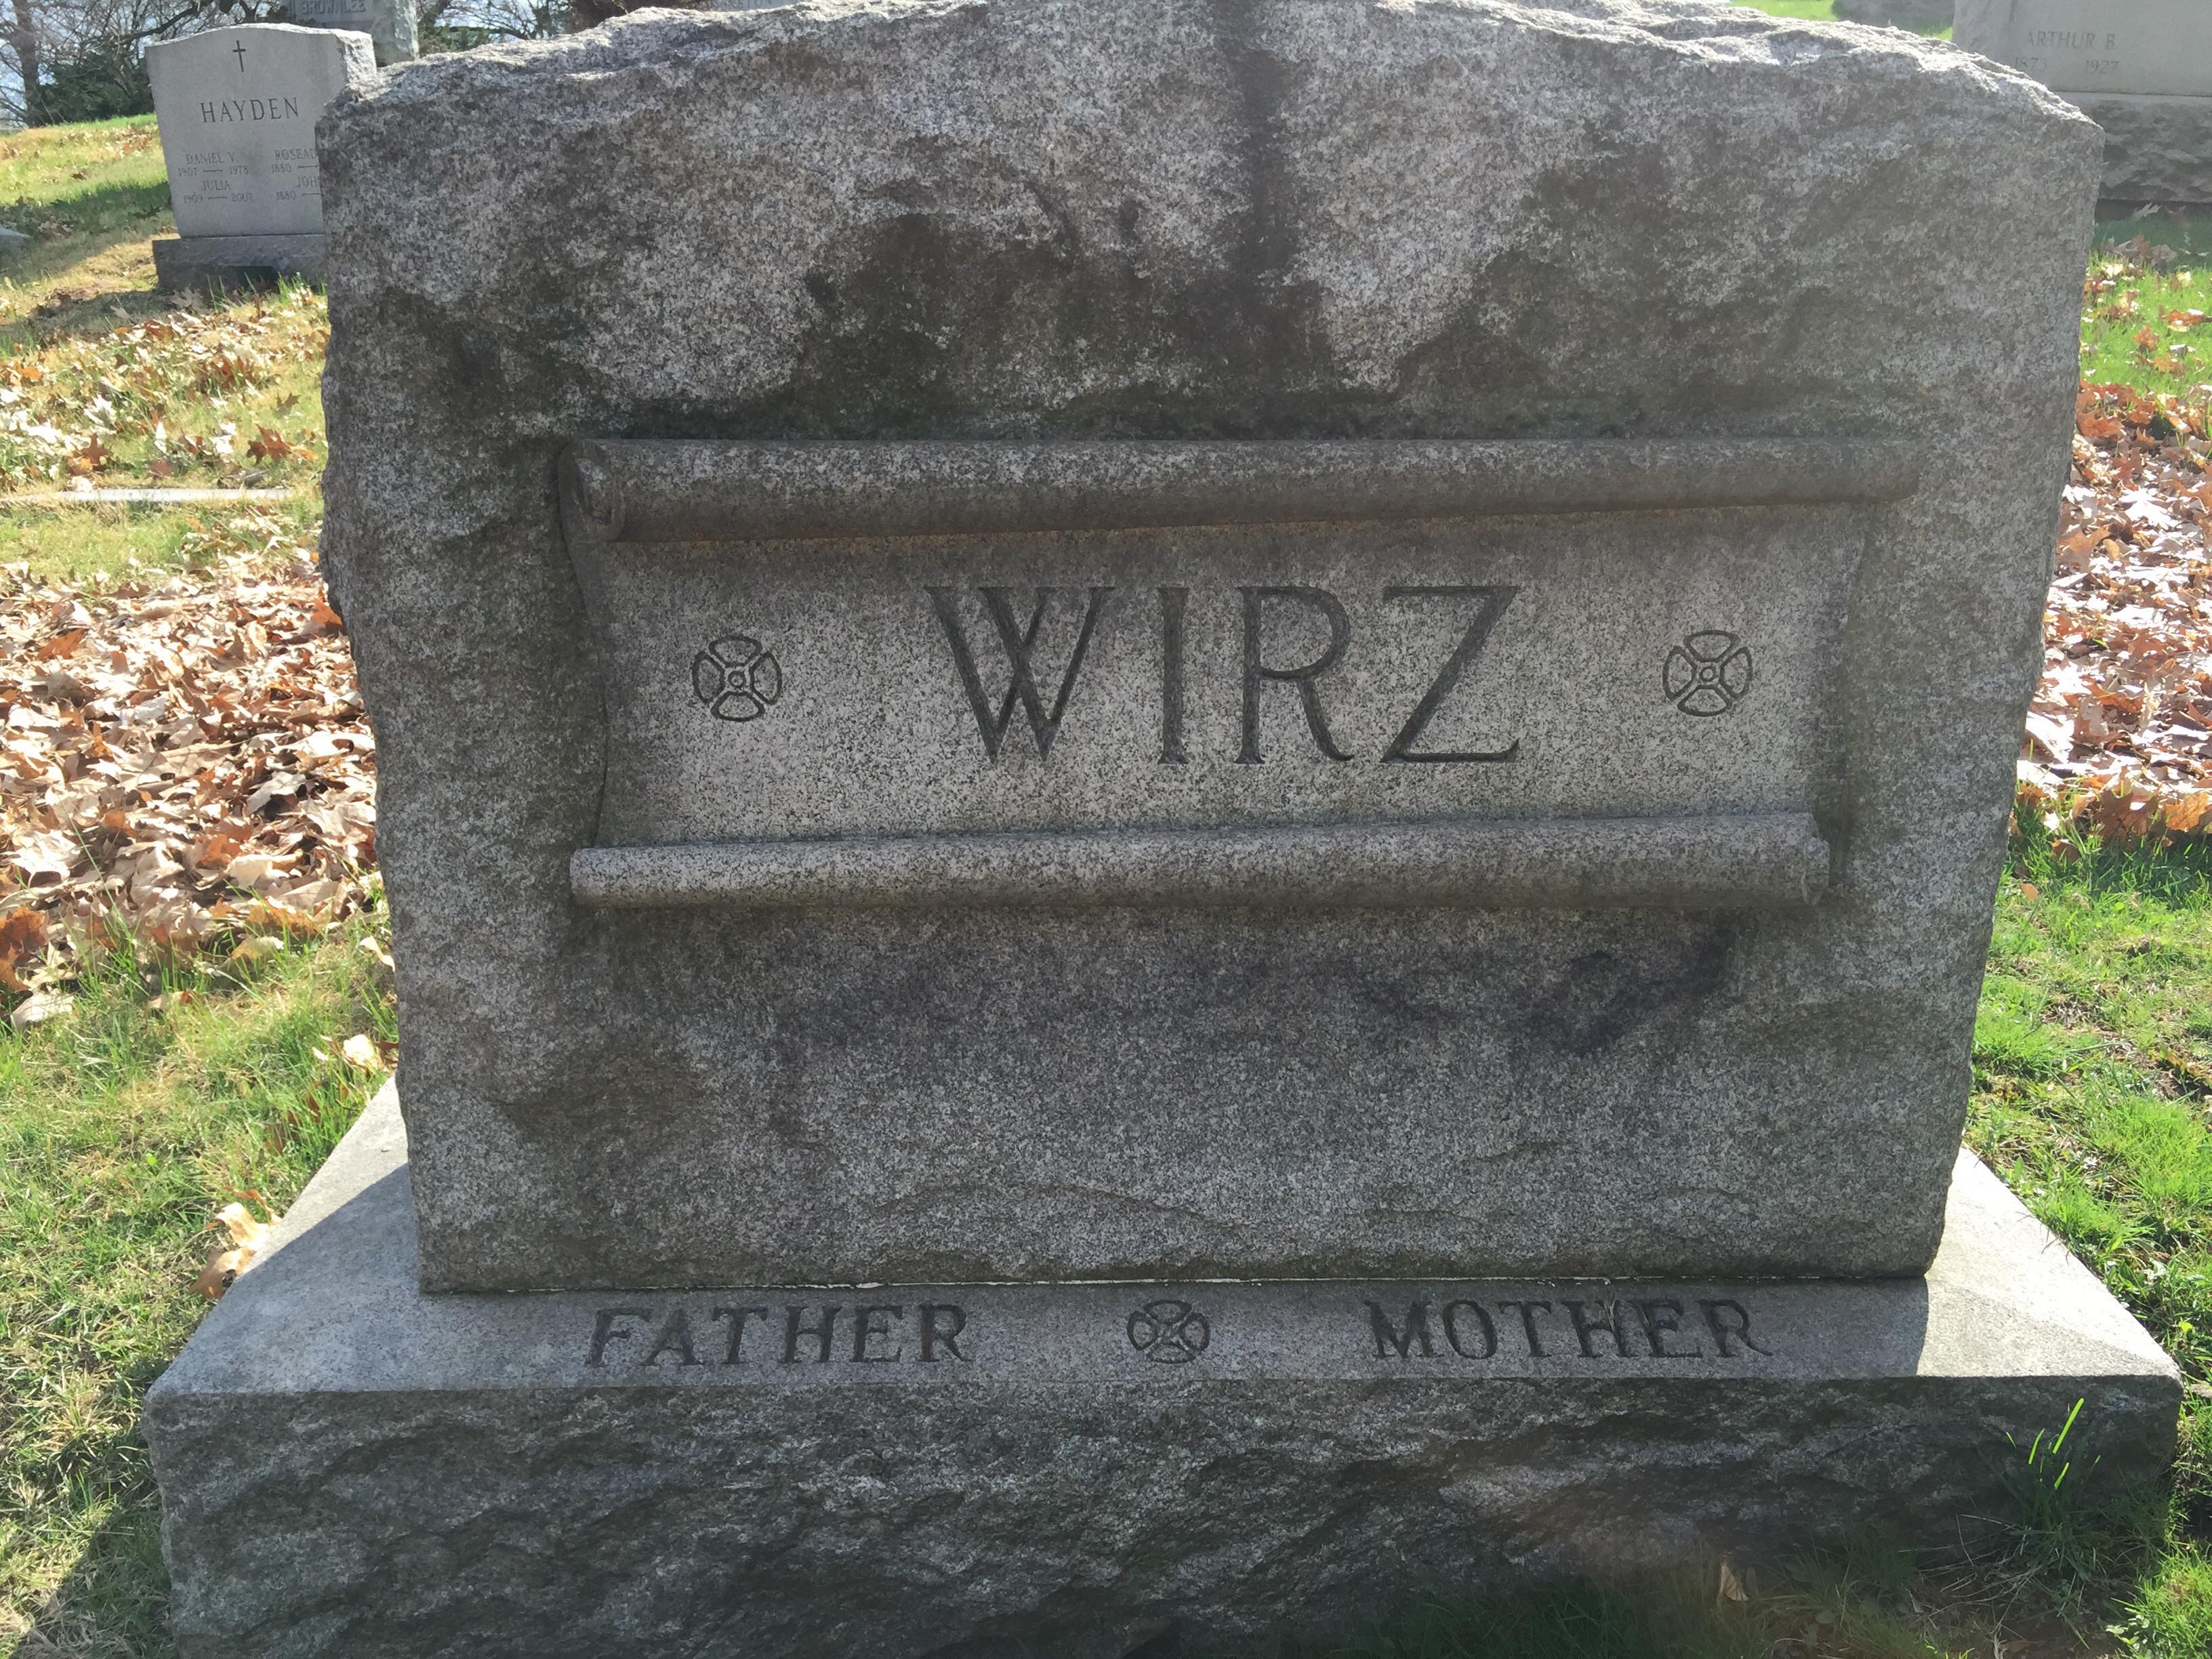 Paul Wirz